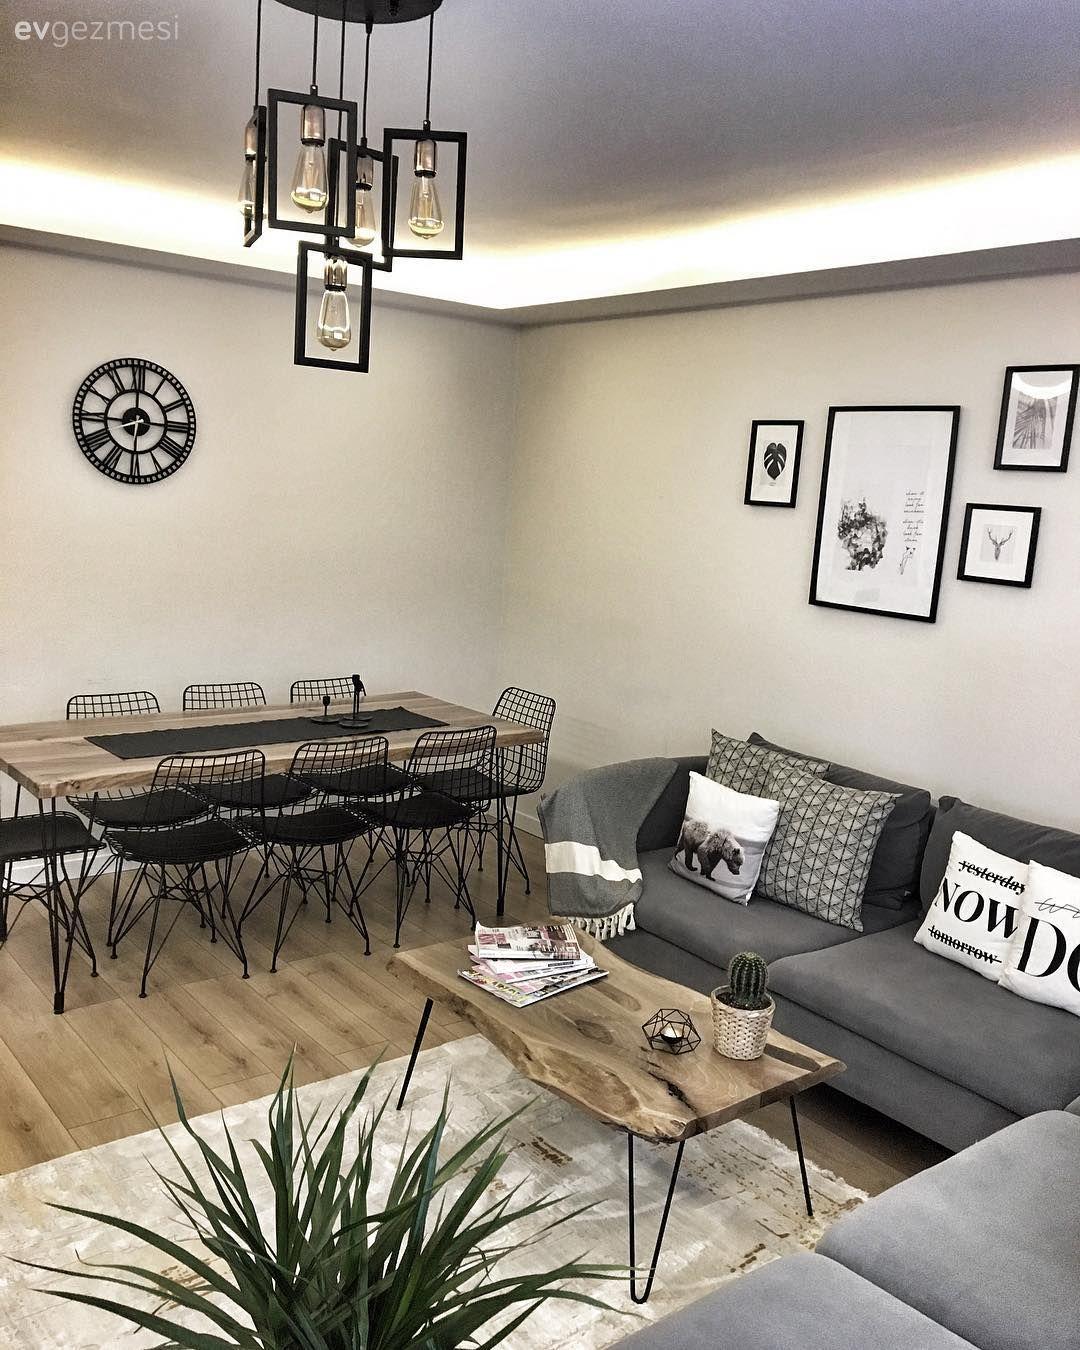 Ev Gezmesi Mottosu Mutluluk Olan Bir Istanbul Evi Ev Gezmesi Oturma Odasi Dekorasyonu Oturma Odasi Tasarimlari Bohem Oturma Odalari